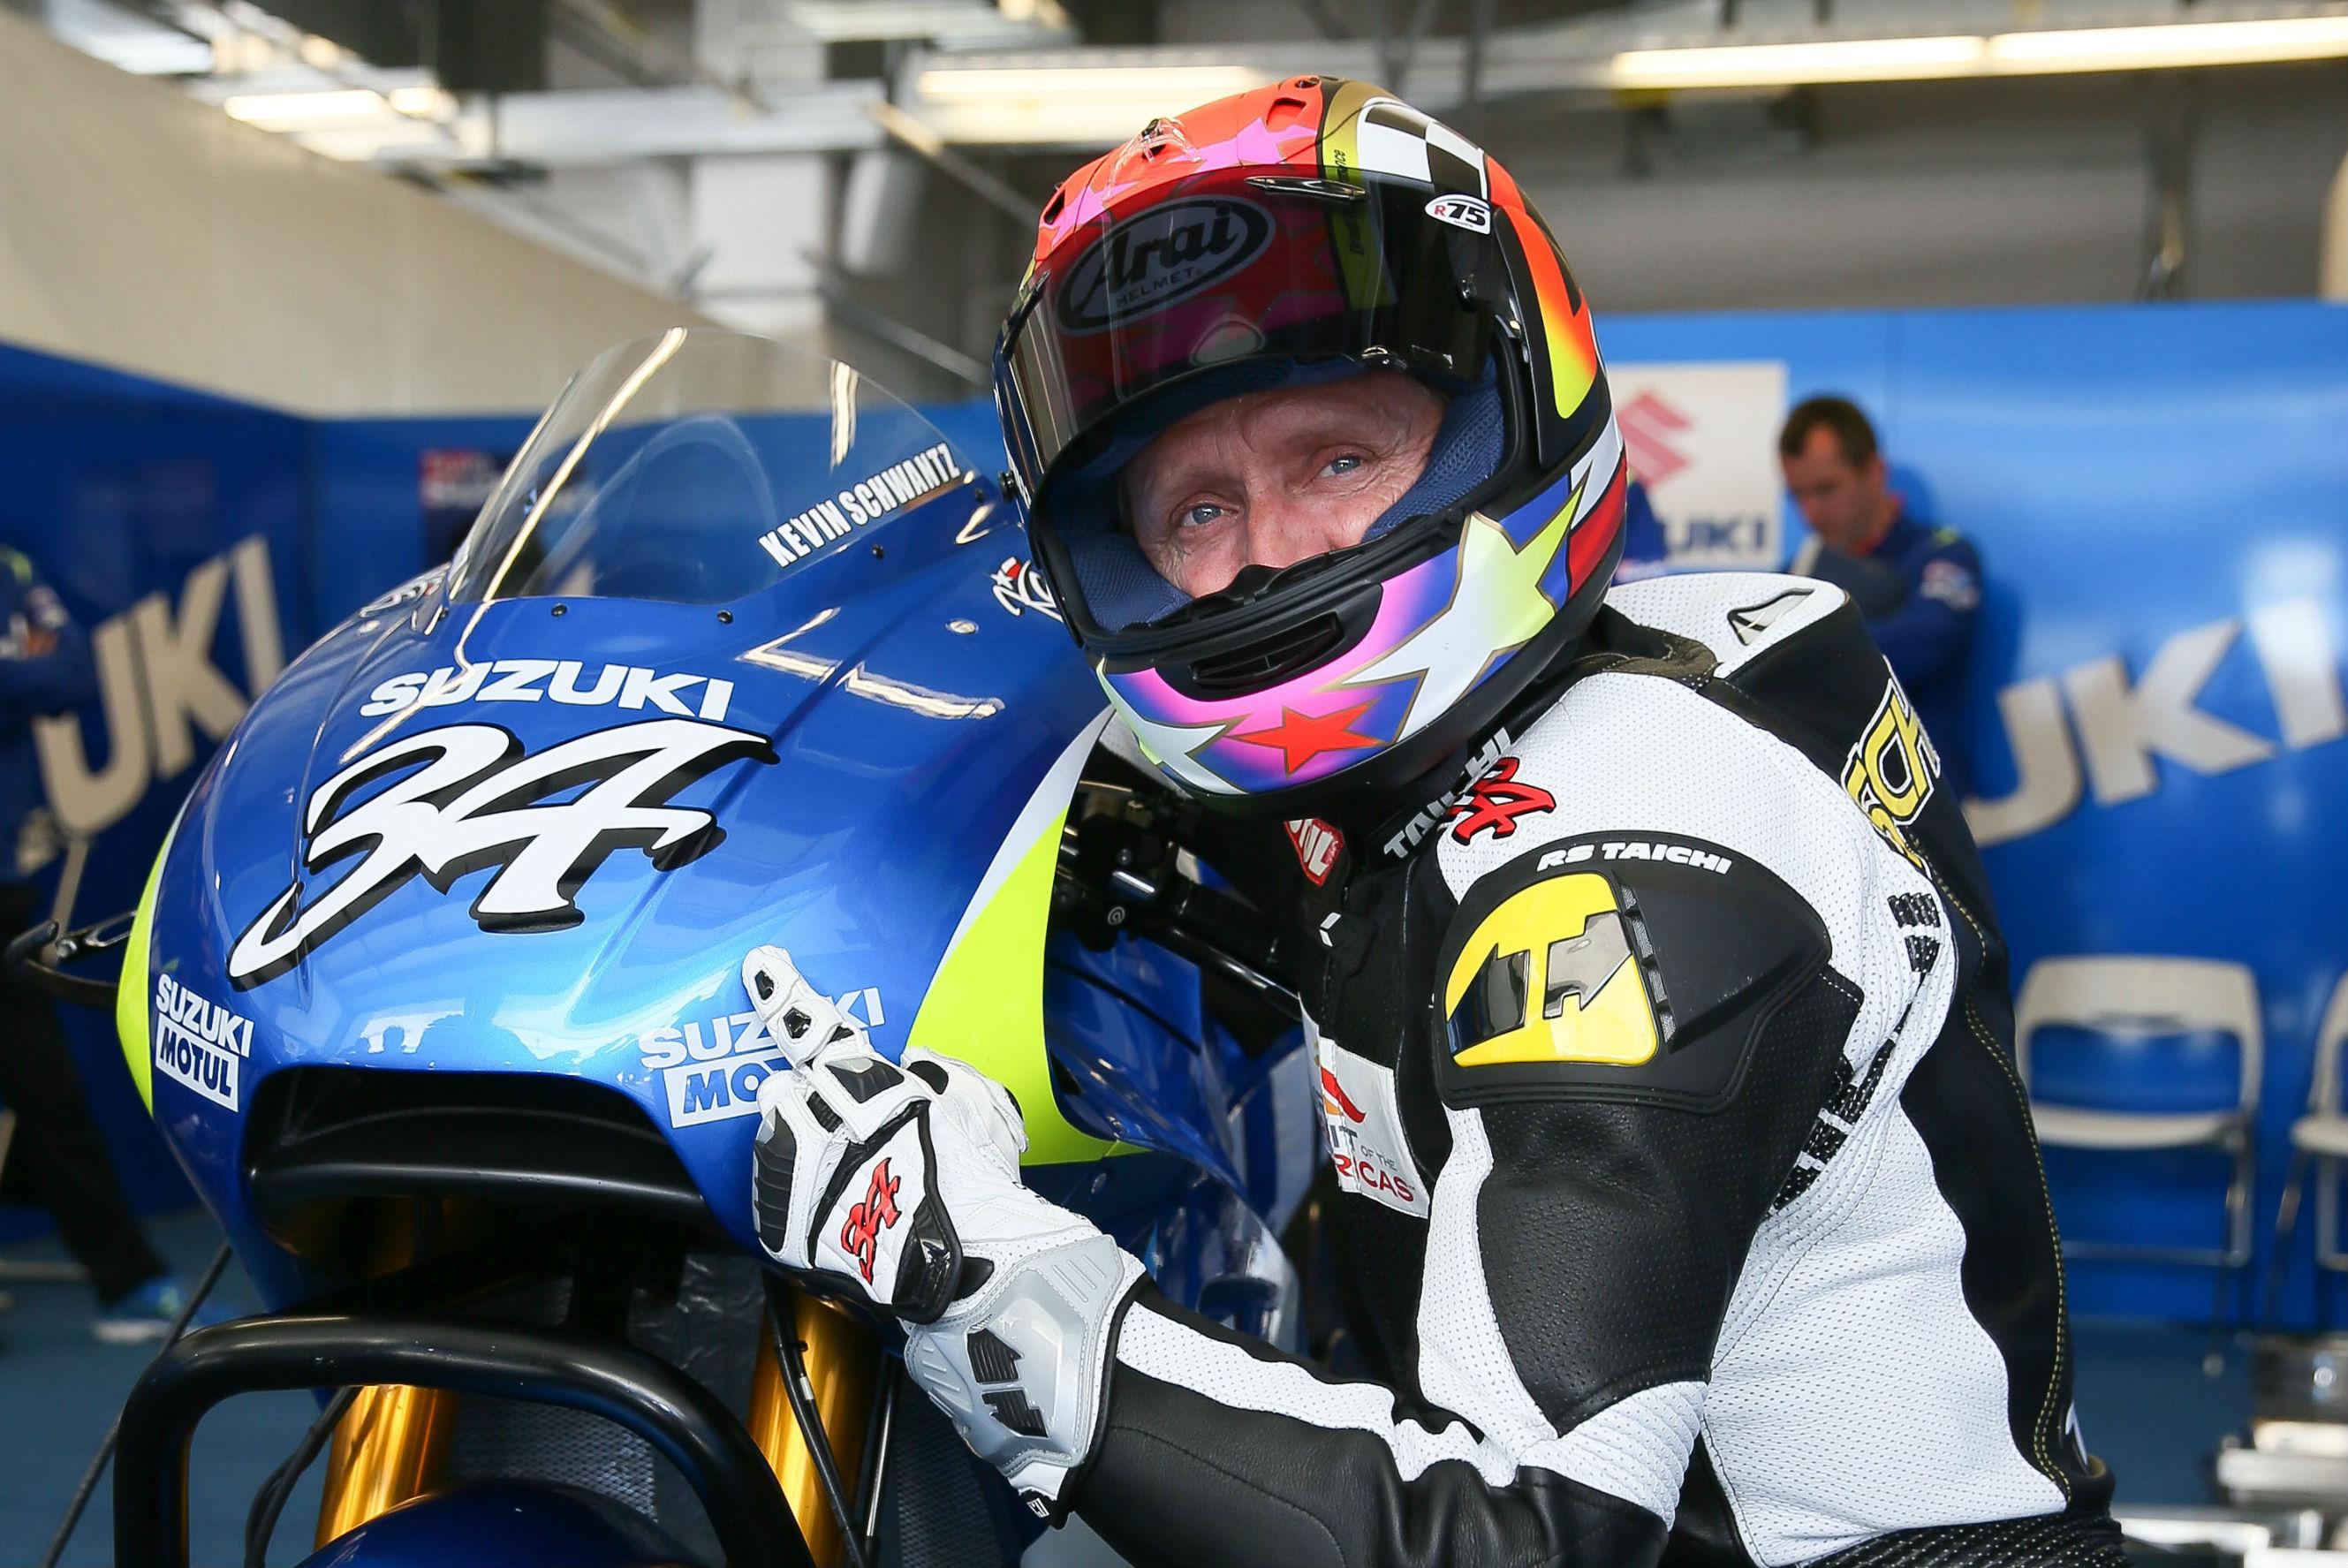 Kevin Schwantz tests Suzuki's MotoGP bike | Visordown